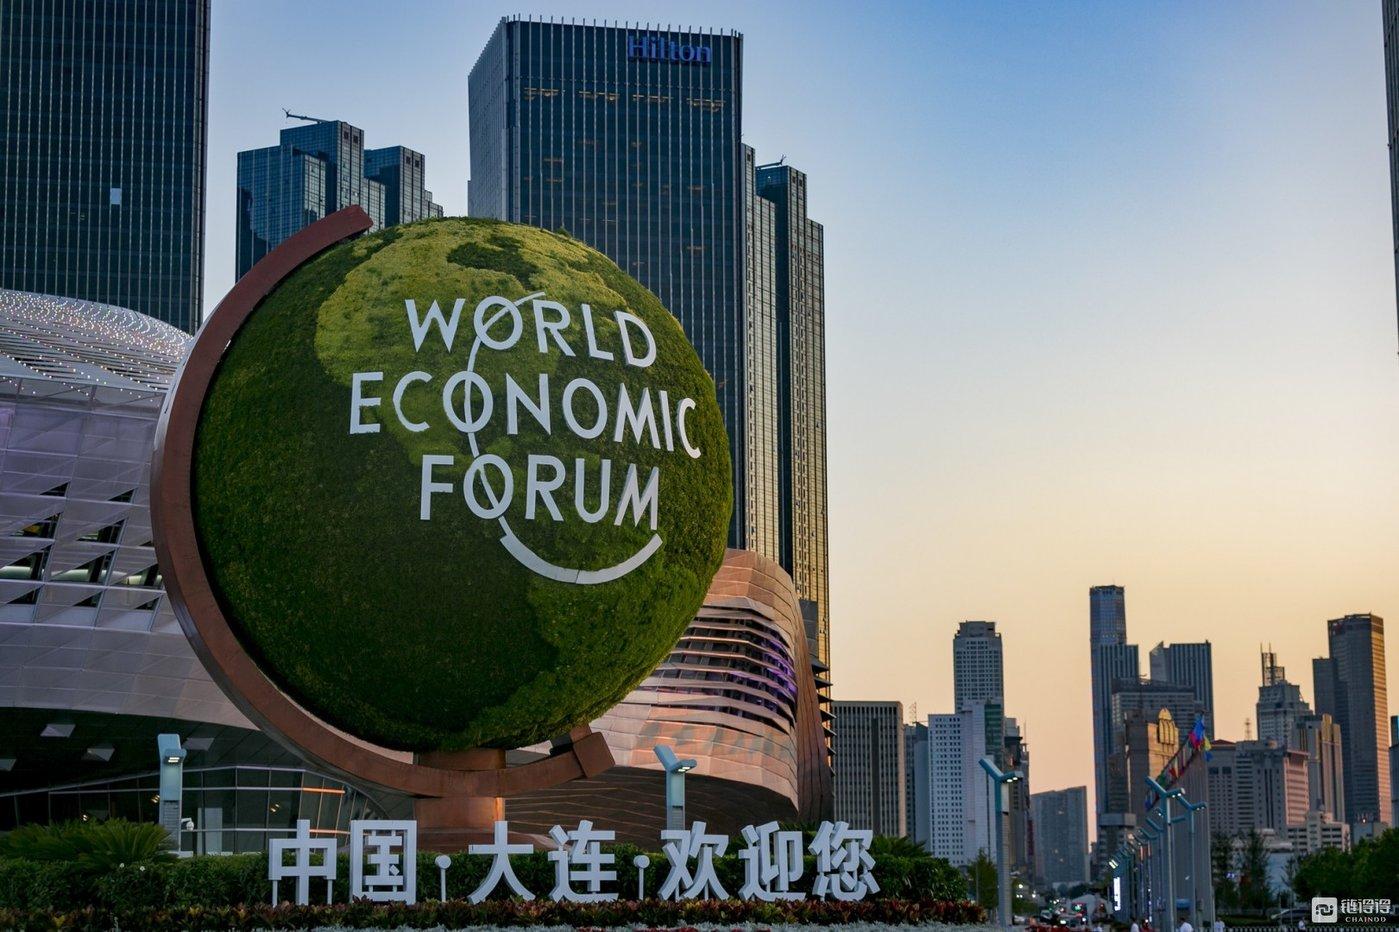 直击达沃斯   世界经济论坛与美洲开发银行联合报告:运用区块链技术提振全球贸易